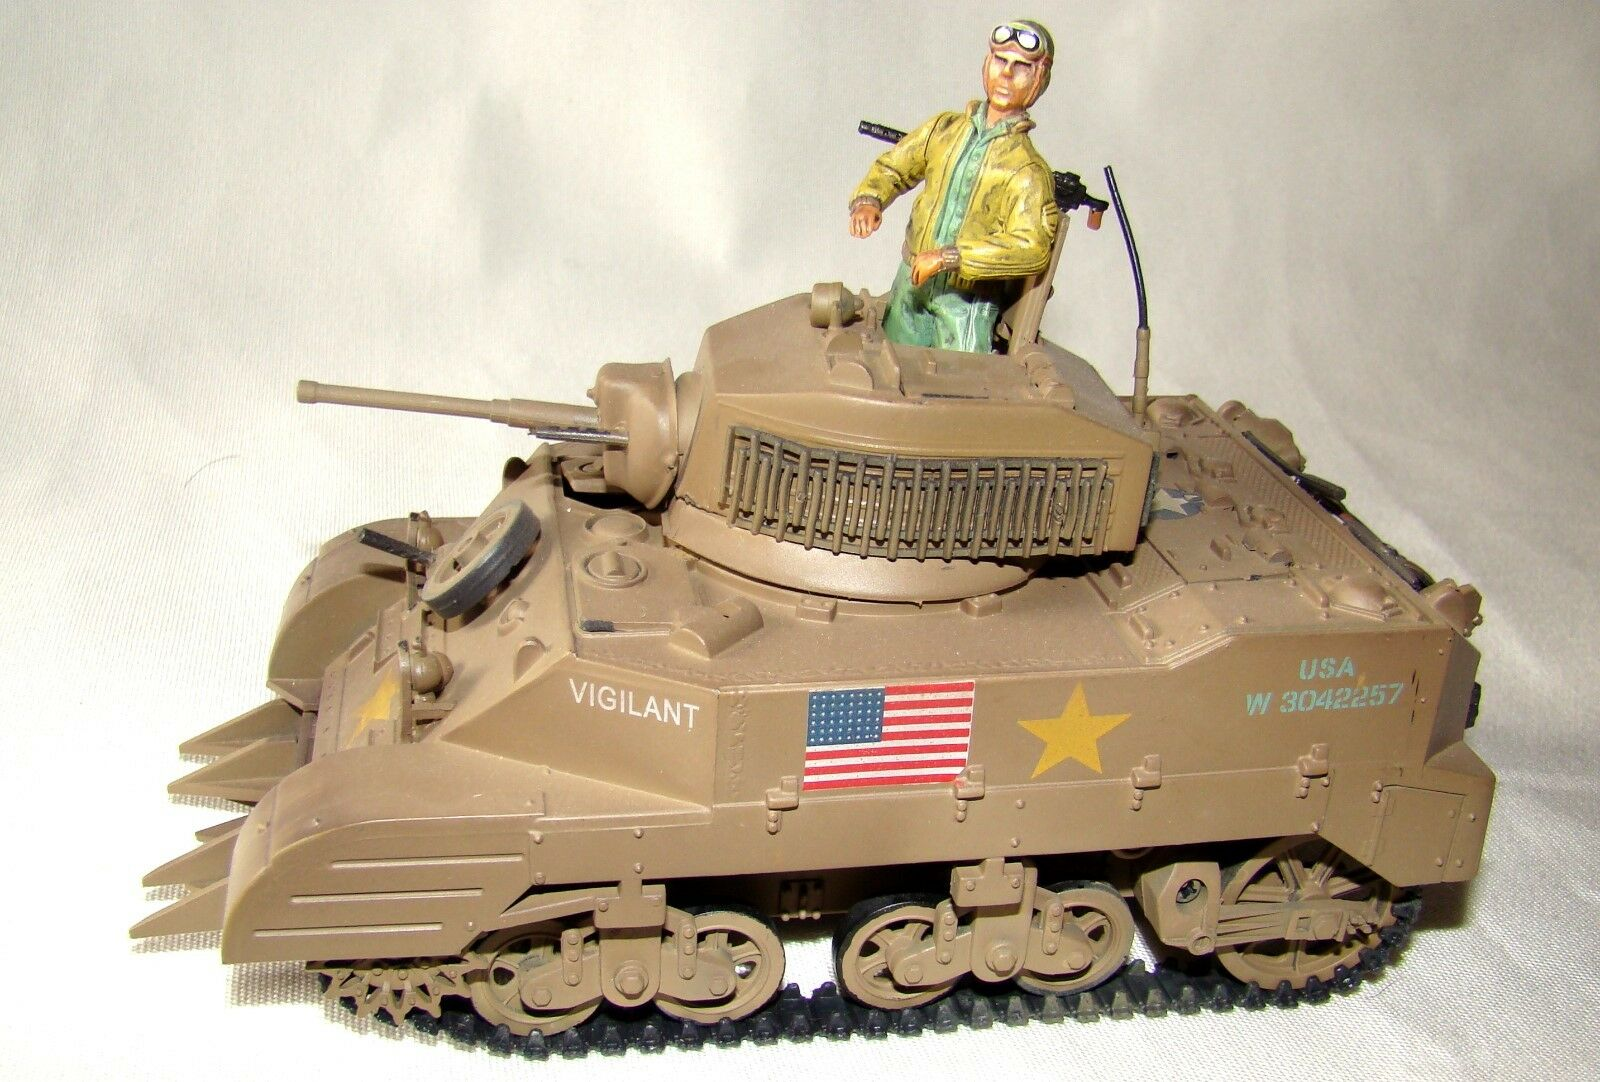 1 32 Ultimate Soldier U.S WWII M5A-1 Stuart Vigilant Tank w  Mine Plow